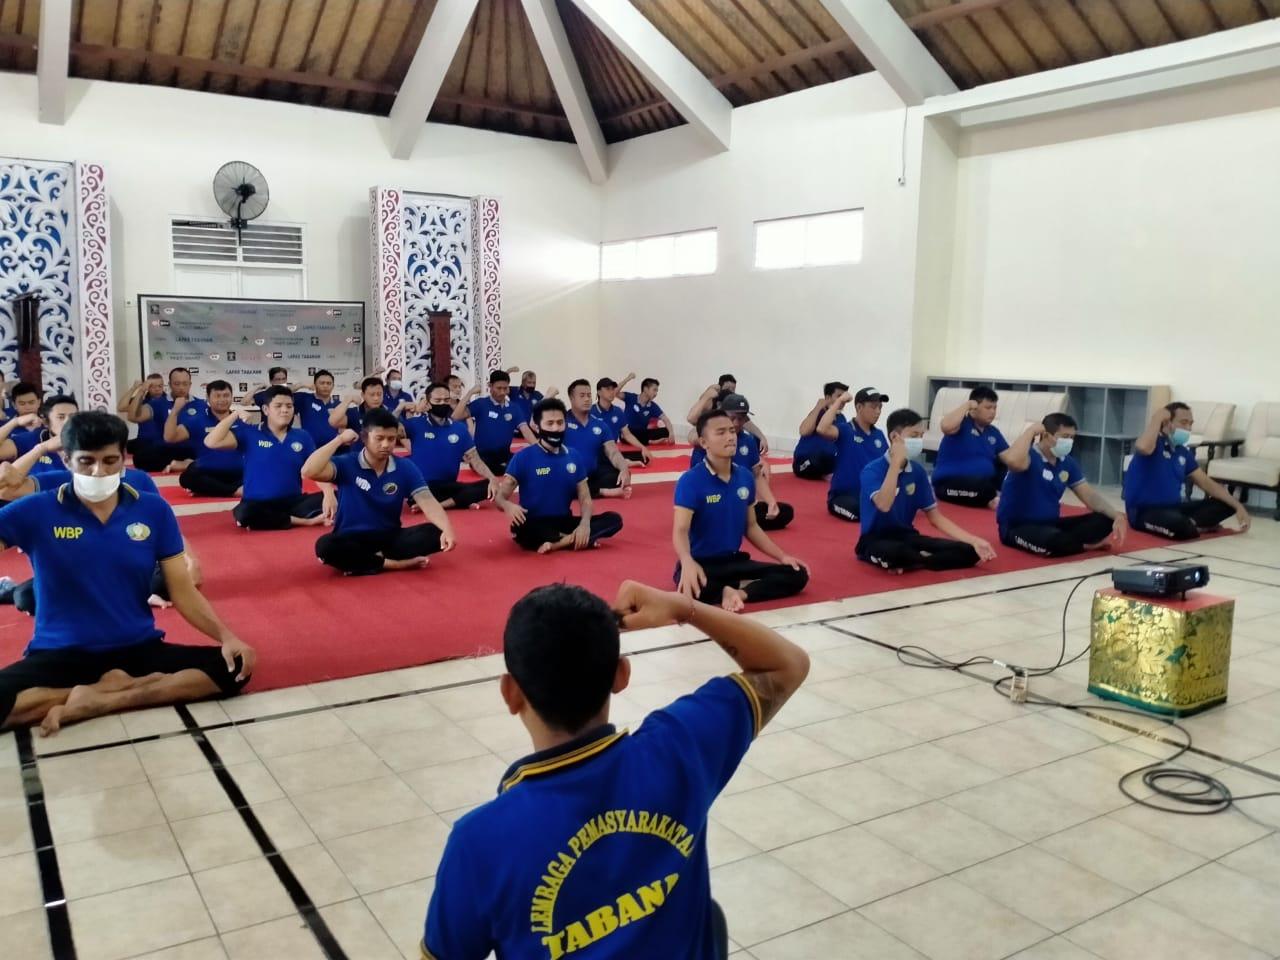 LATIHAN meregangkan dan merelaksasi otot bagi para WBP dan pegawai lapas, di Aula Candra Prabhawa Lapas Tabanan, Jumat (25/6/2021). Foto: ist